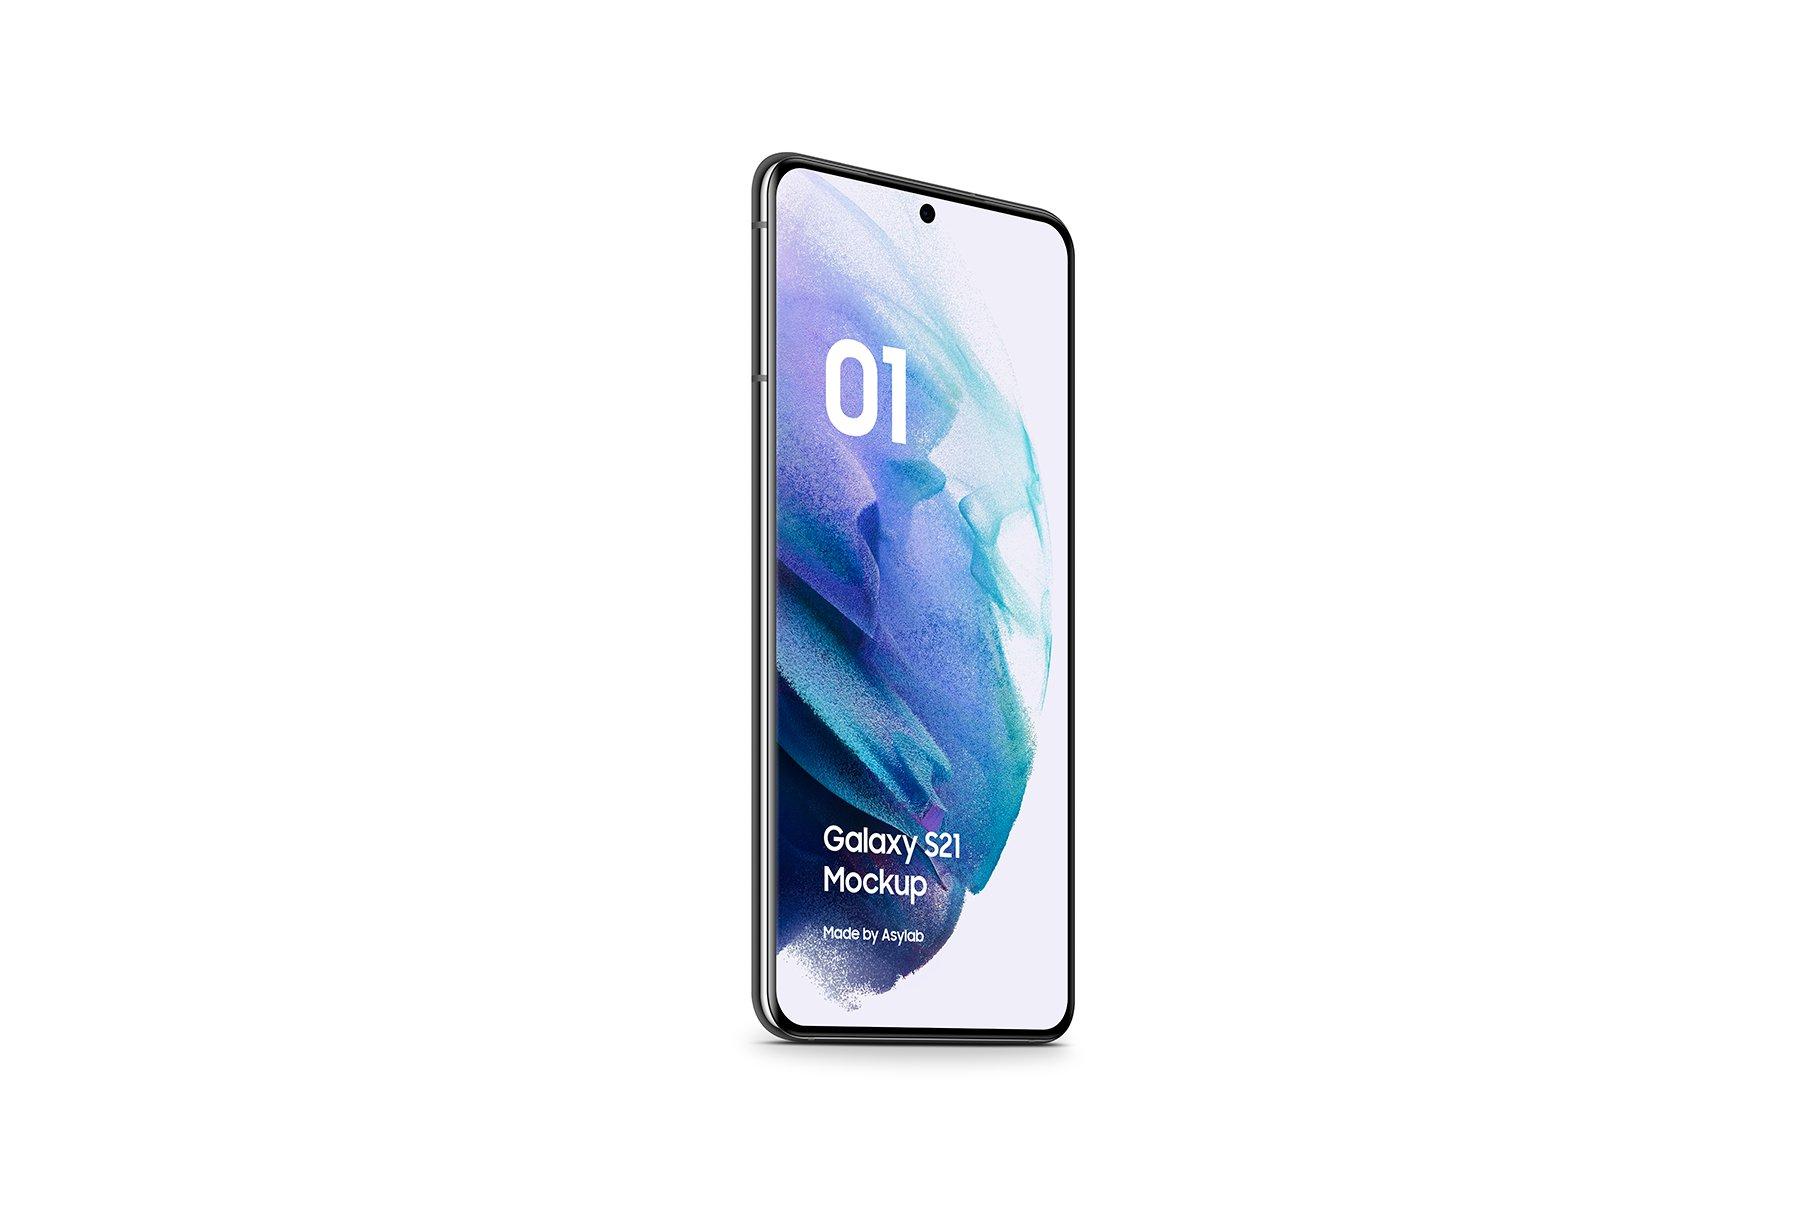 [单独购买] 20款三星Galaxy S21手机网站APP界面设计演示样机模板套件 Galaxy S21 – 20 Mockups Scenes插图21